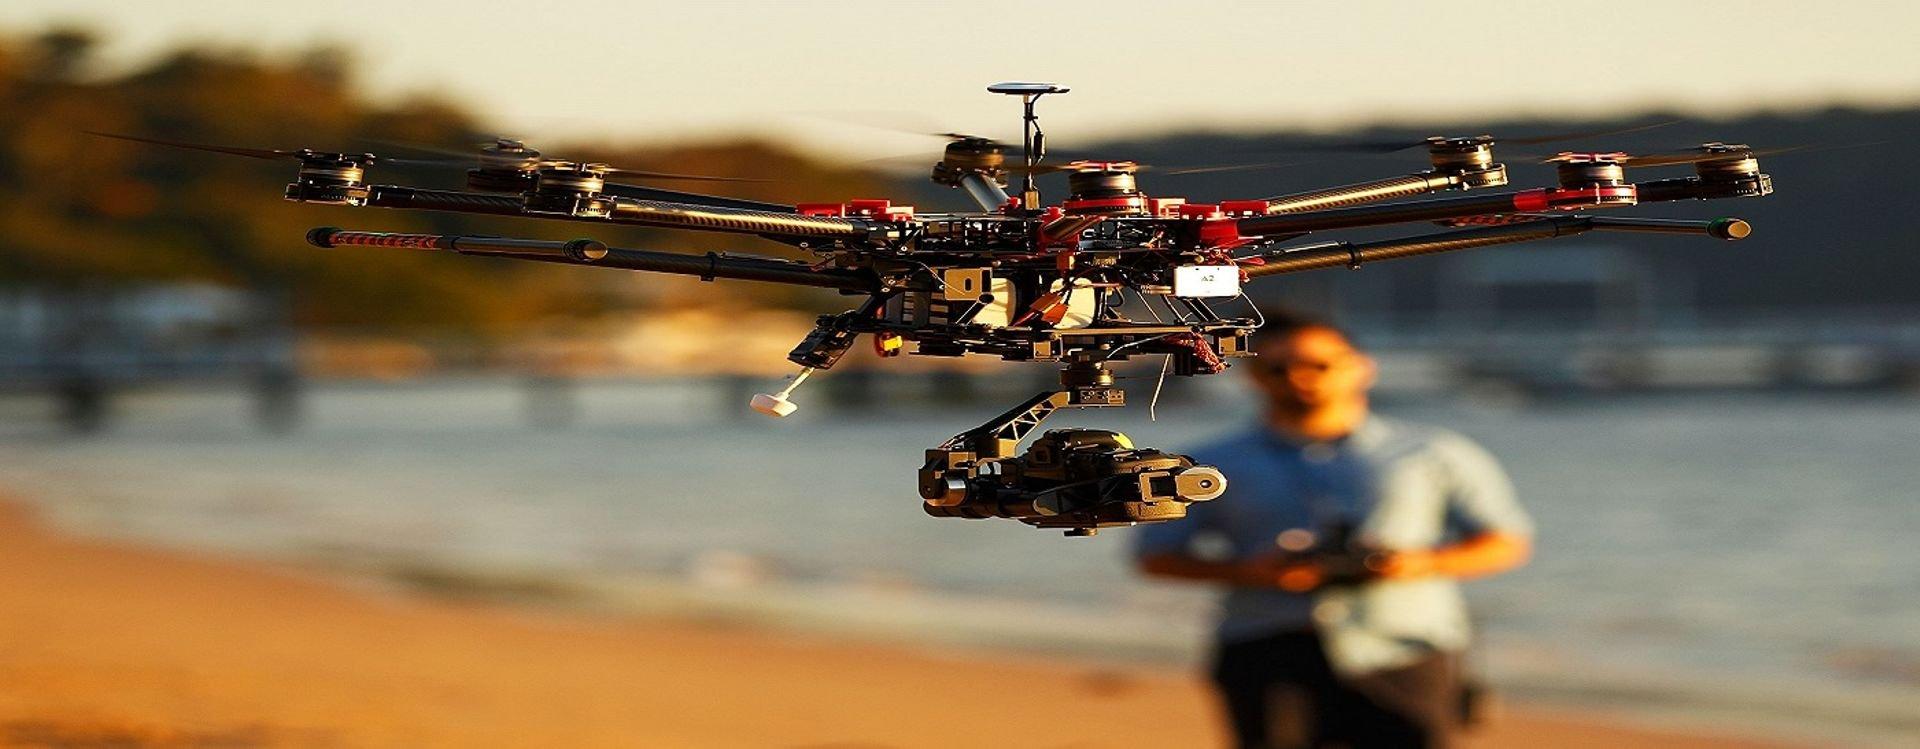 ما هي ميزة الطائرات من غير طيار (درونز) المتاحة للاستخدام التجاري والمنزلي وكيف تختار أفضلها